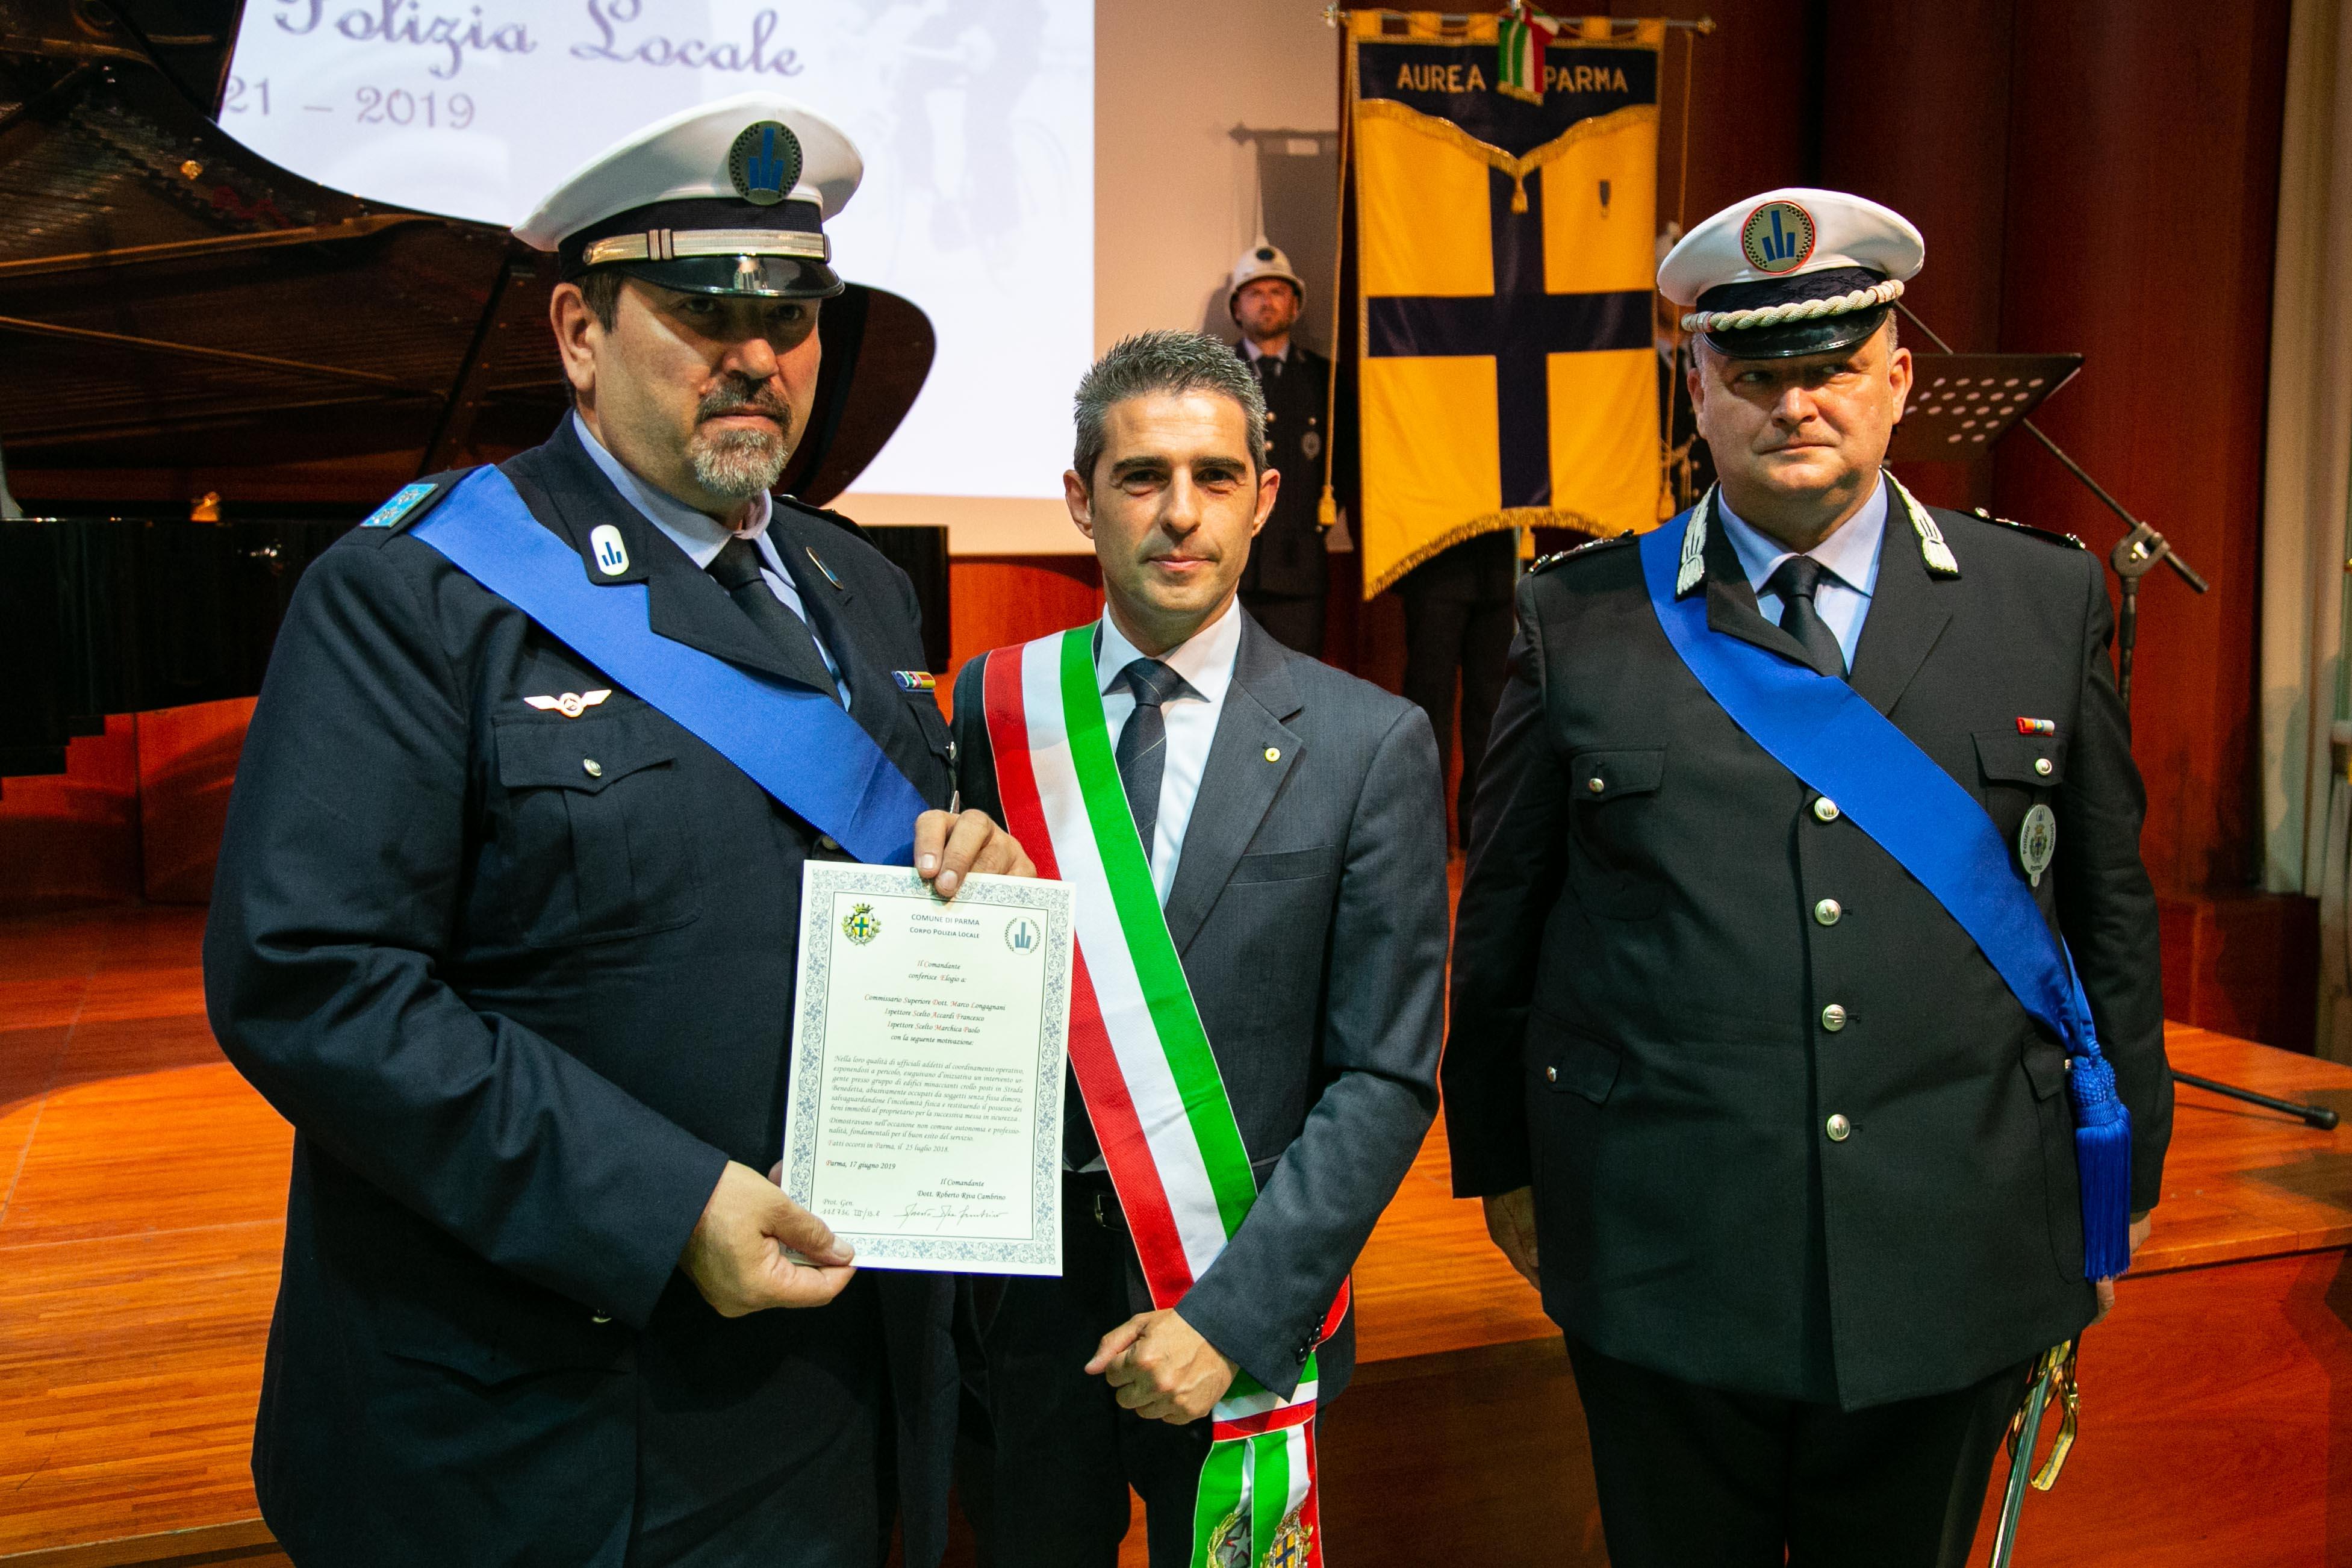 Municipio Di Parma Comando Polizia Municipale a …